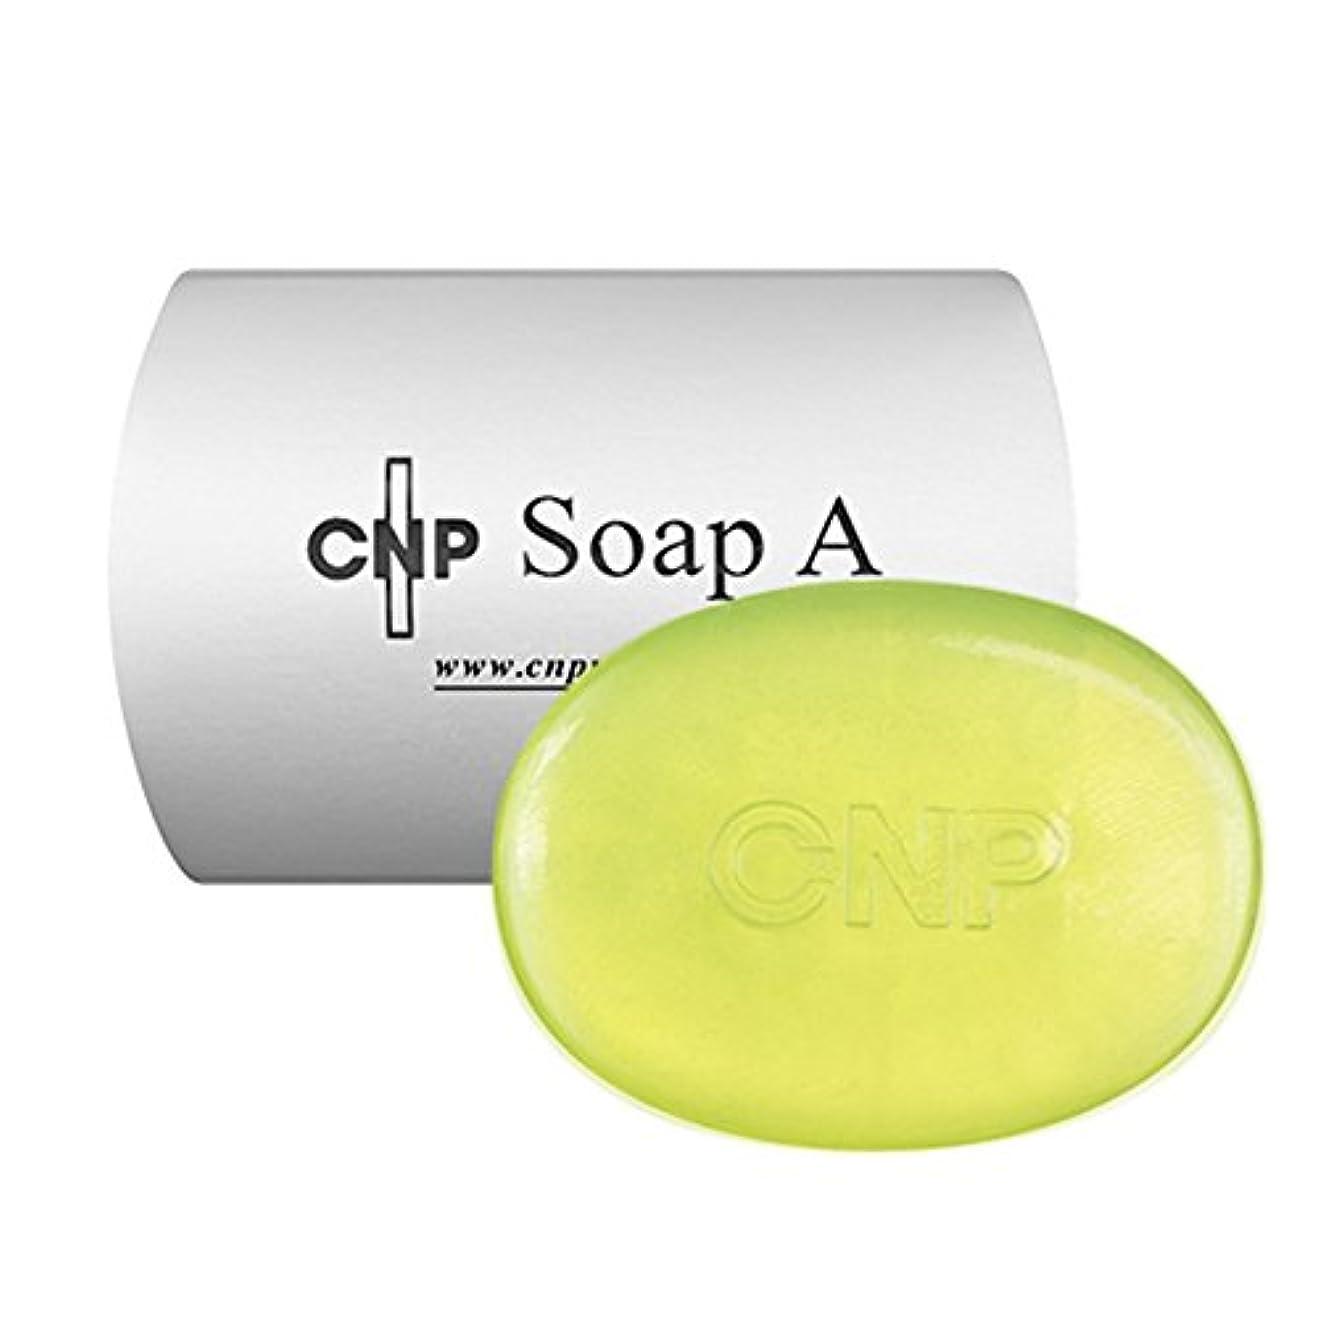 グリースカセットセラーCNP Soap A チャアンドパク ソープ A [並行輸入品]